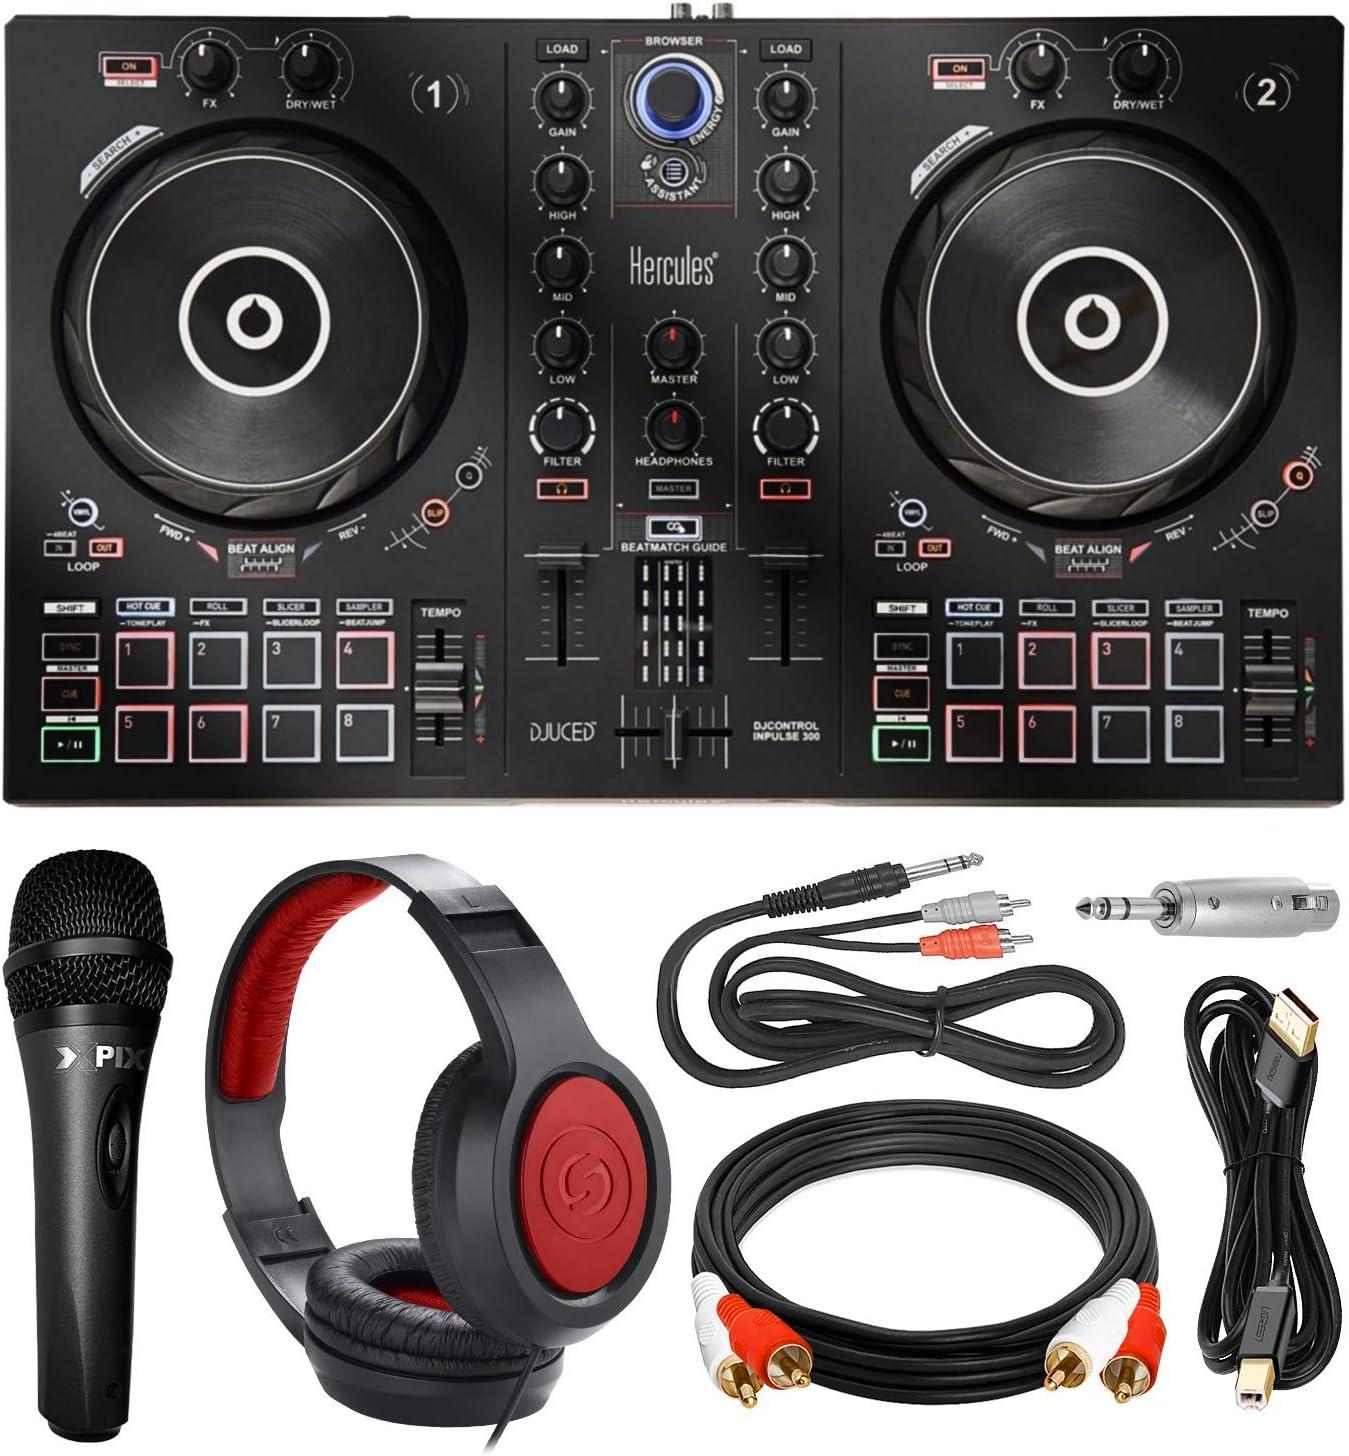 HERCULES DJCONTORL INPULSE300 컨트롤러+헤드폰+마이크+프리미엄 액세서리 번들